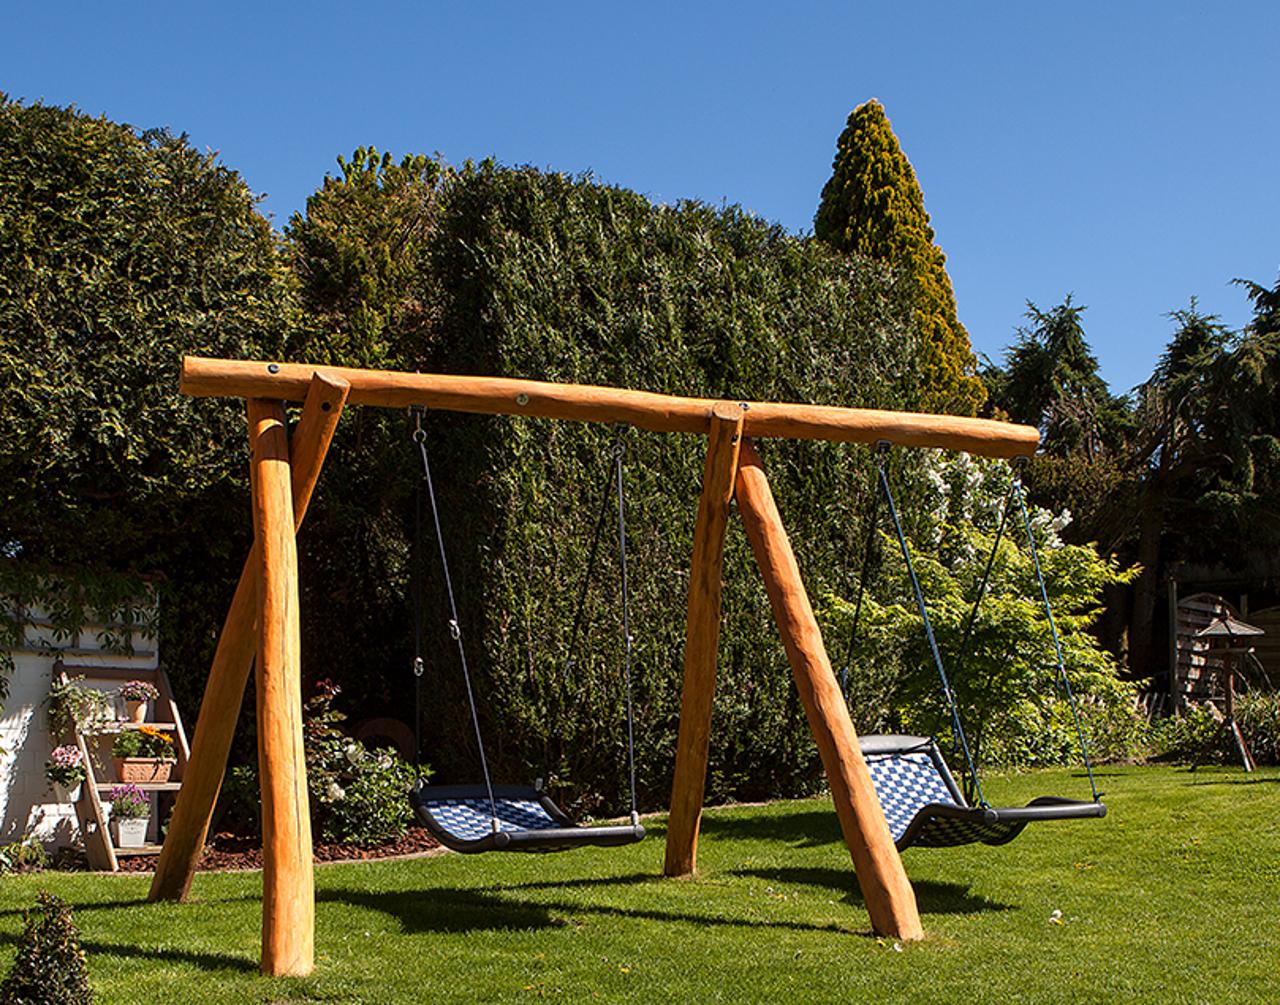 Full Size of Schaukel Für Erwachsene Garten Skulpturen Led Spot Loungemöbel Holz Pavillion Essgruppe Kräutergarten Küche Liegestuhl Truhenbank Sichtschutz Wpc Wohnzimmer Schaukel Für Erwachsene Garten